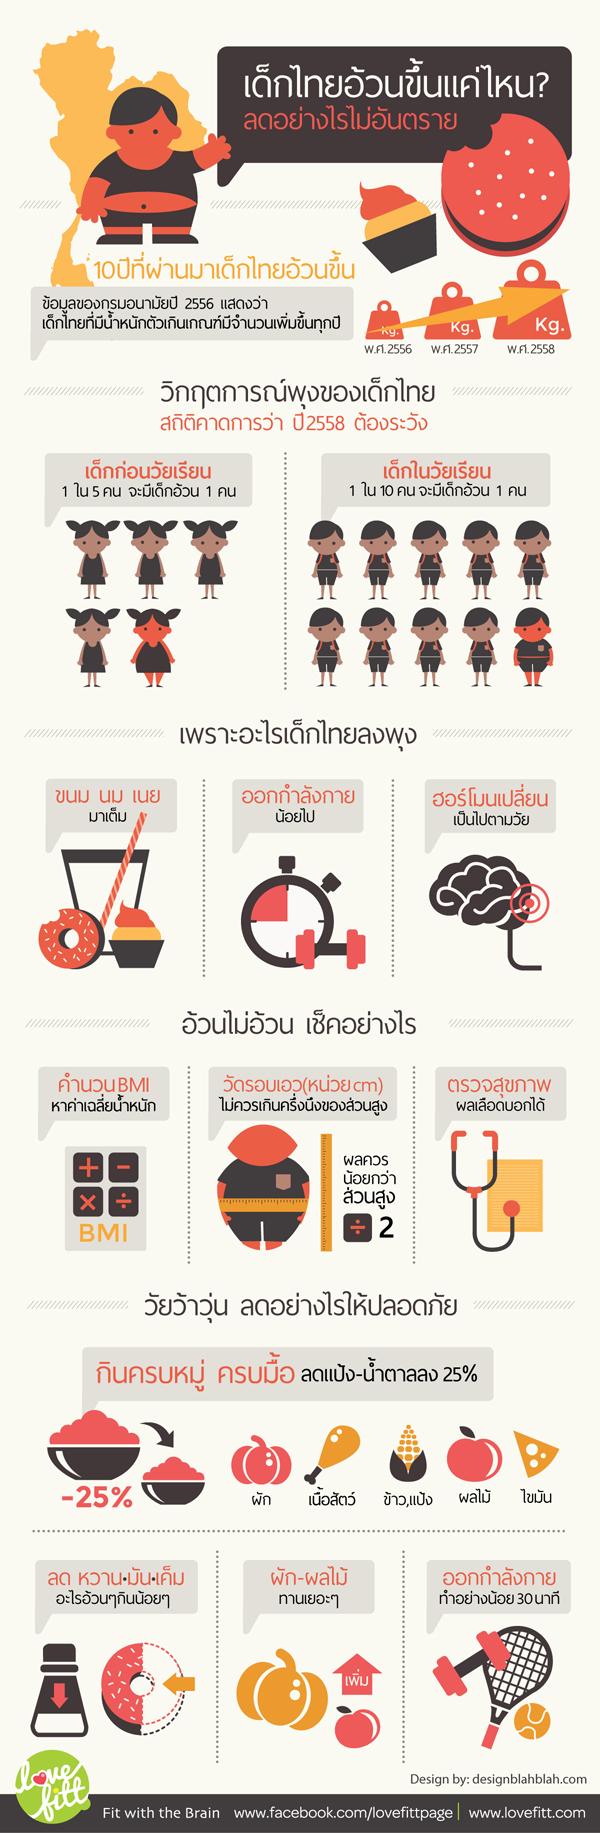 thai-kid-fat